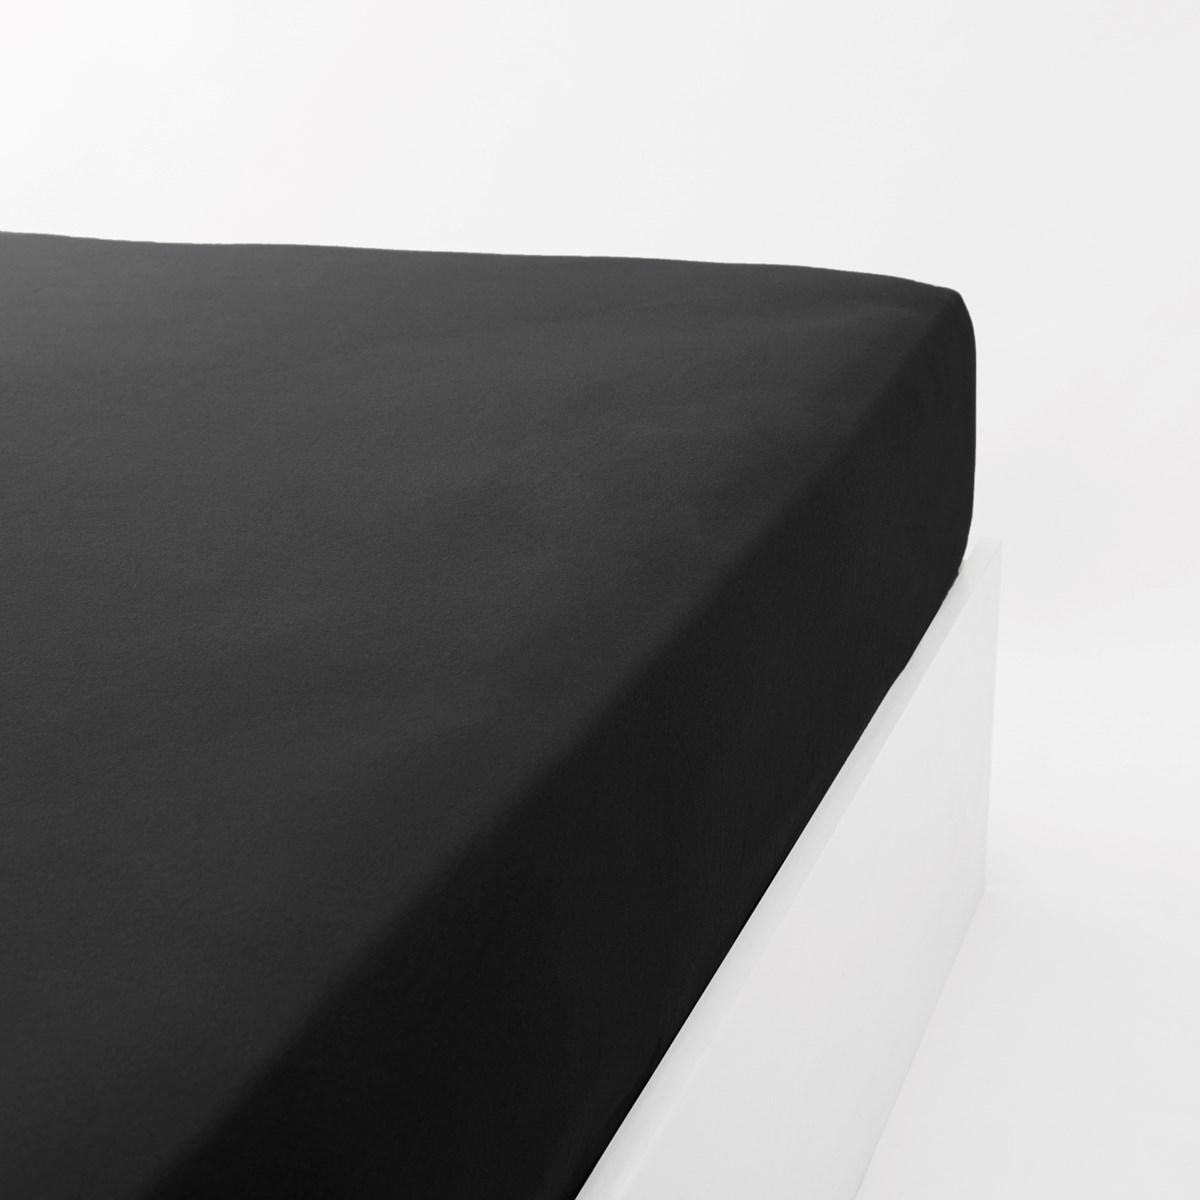 Drap housse jersey extensible en coton noir 110x190 cm